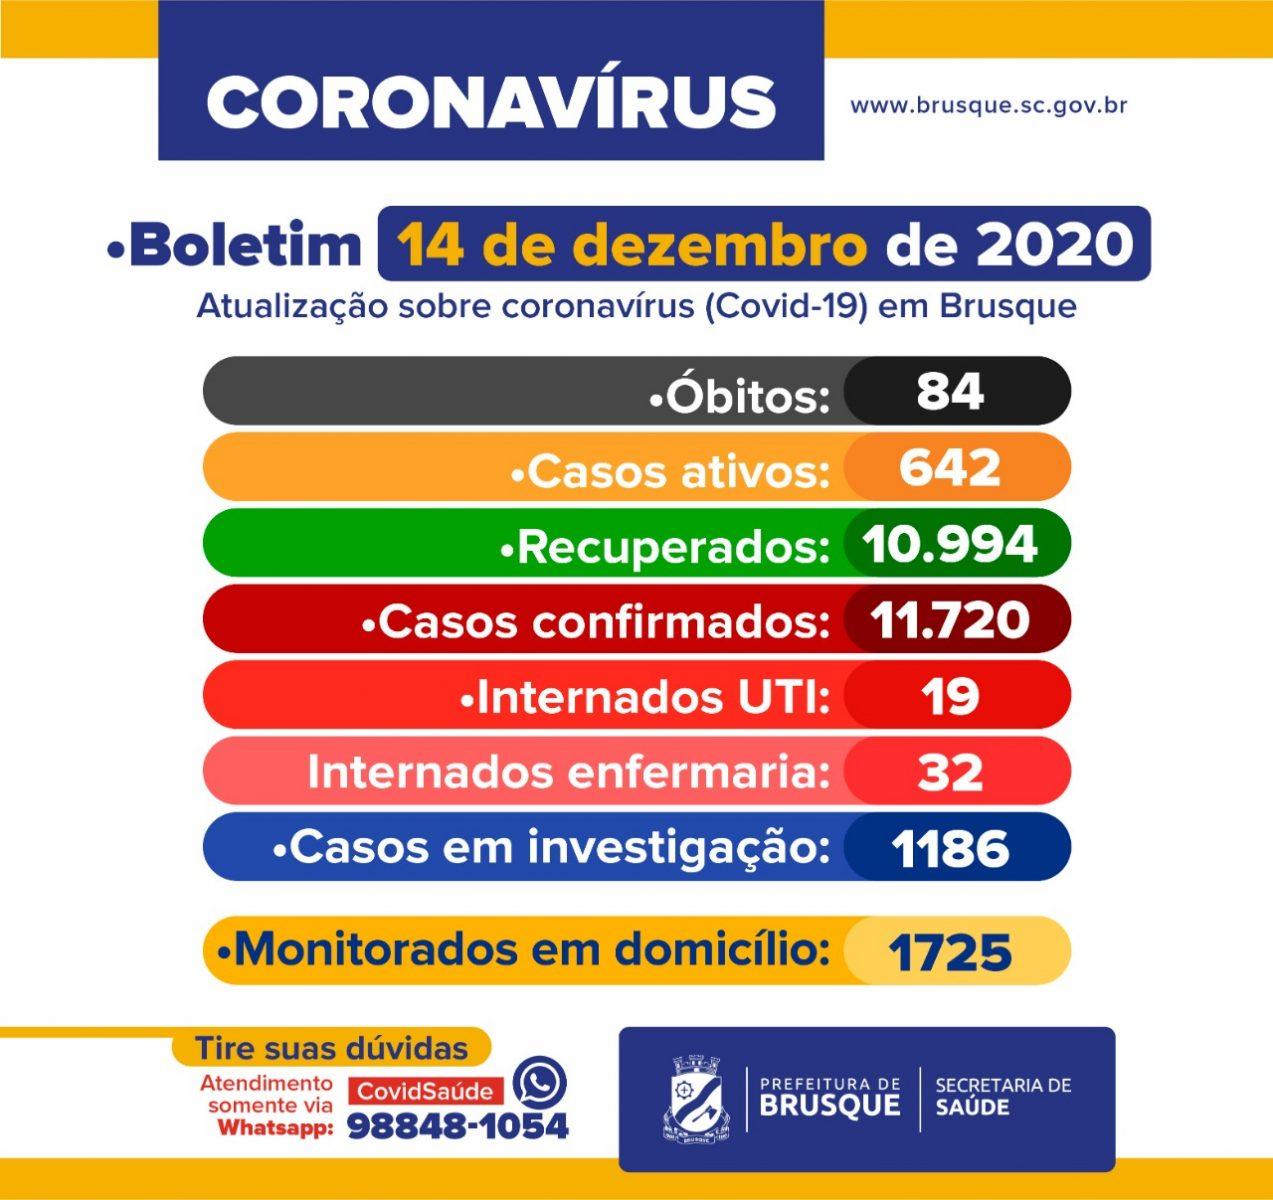 Brusque registra mais duas mortes por Covid-19. Confira o boletim epidemiológico desta segunda-feira (14)